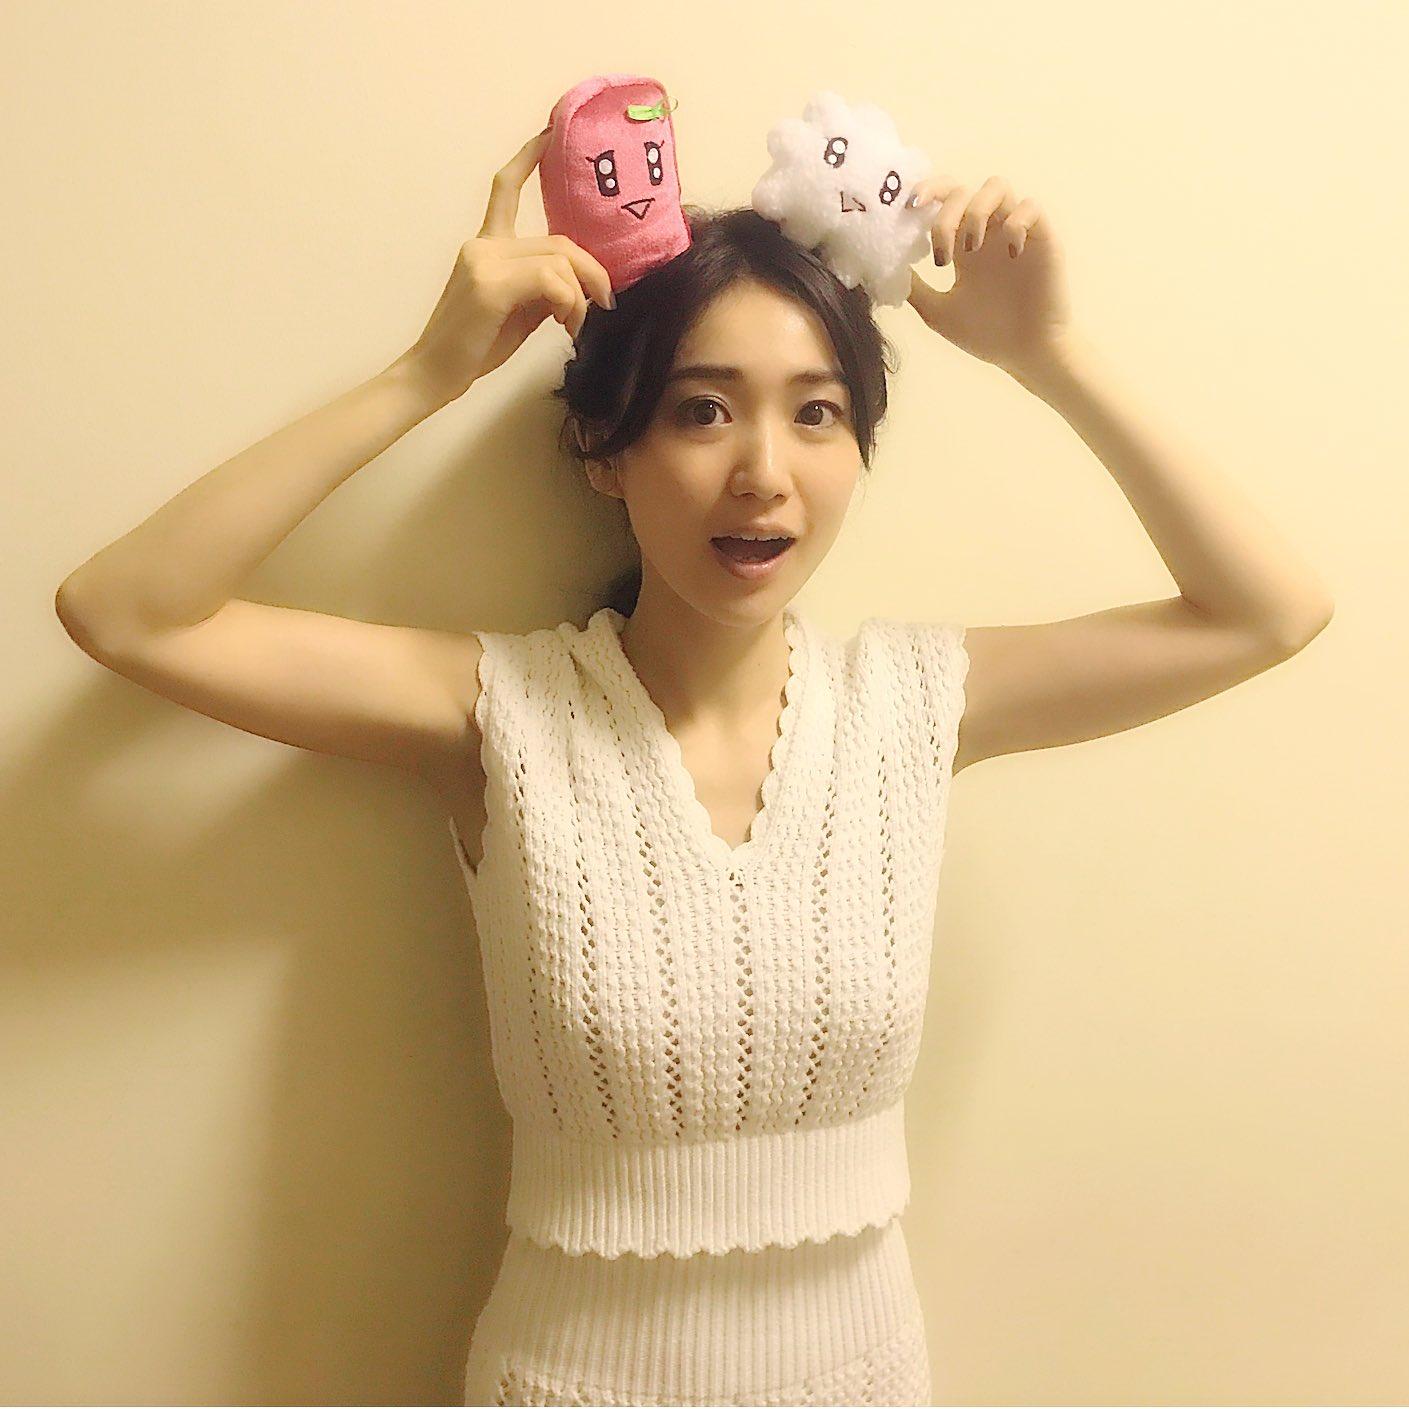 タラレバ 2020 動画 娘 東京 東京タラレバ娘2020SPの無料動画!見逃し配信や10月7日の再放送は?